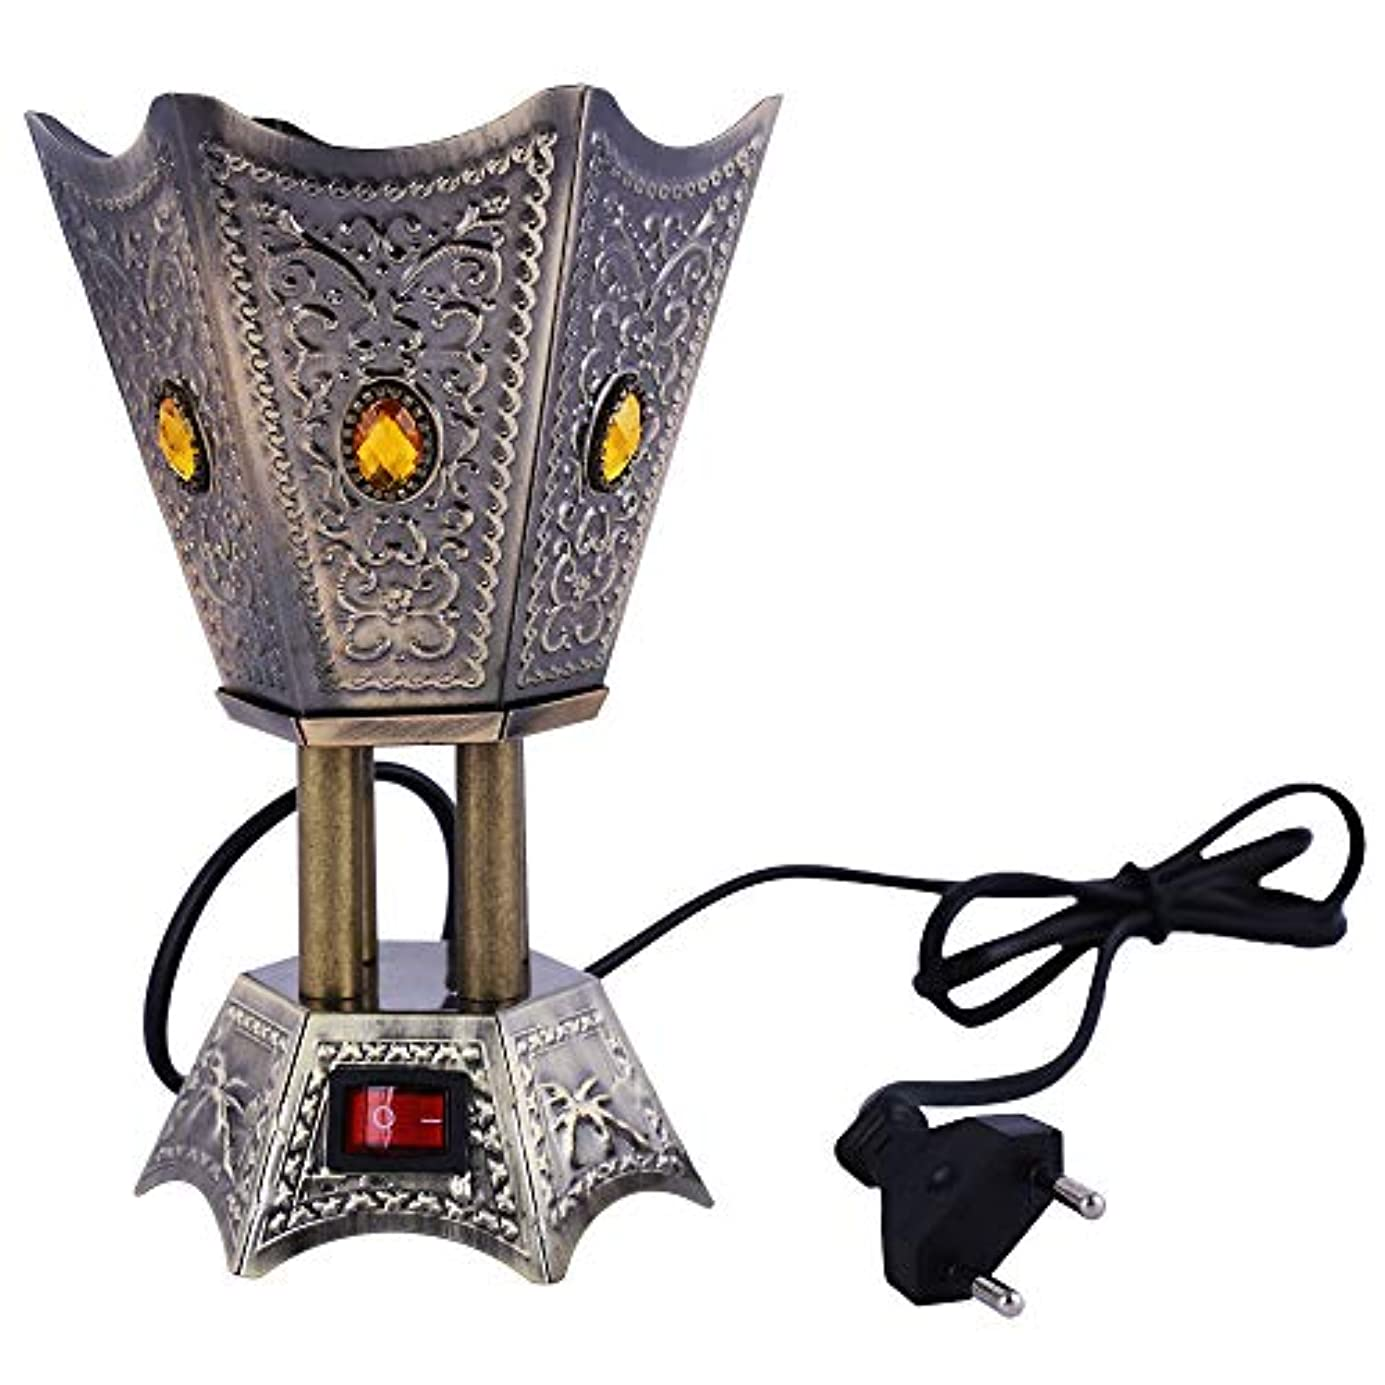 弱い台風同等のGrey Electric Bakhoor Burner Electric Incense Burner Camphor- Oud Resin Frankincense for Diwali Gift Positive Energy IB-23 Grey